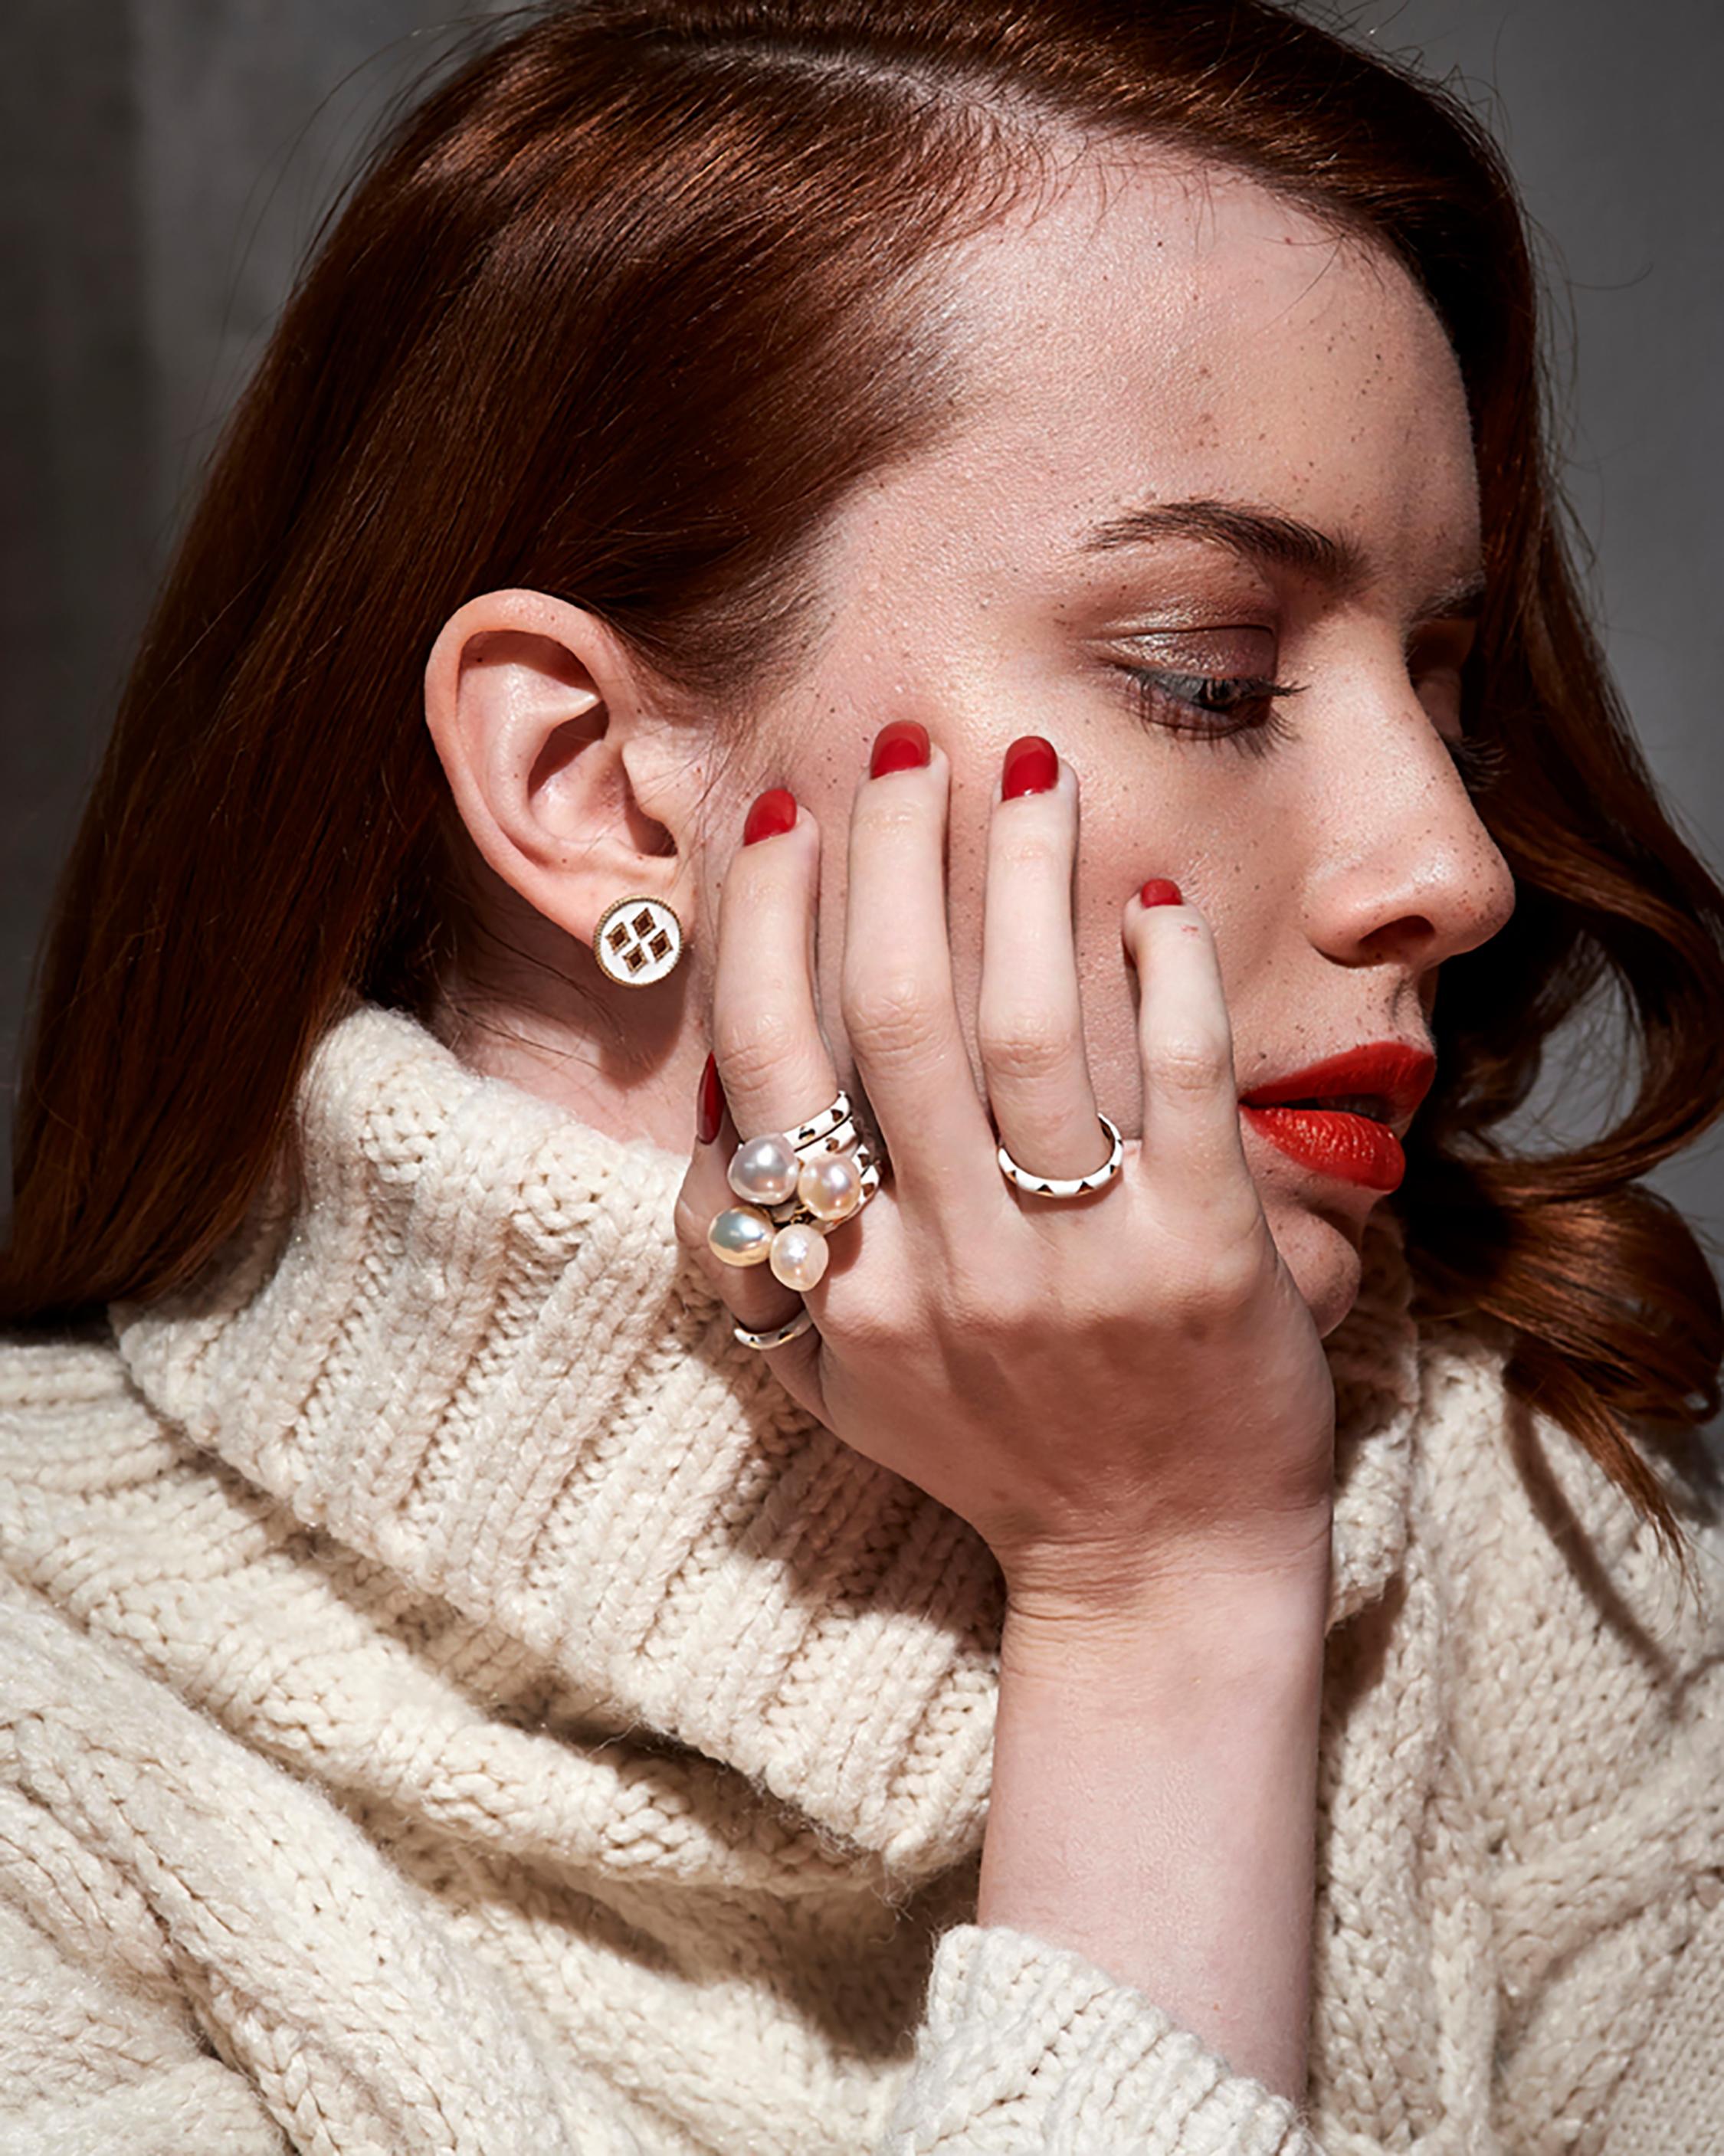 Penelope Jewelry Freshwater Pearl & Enamel Ring 2